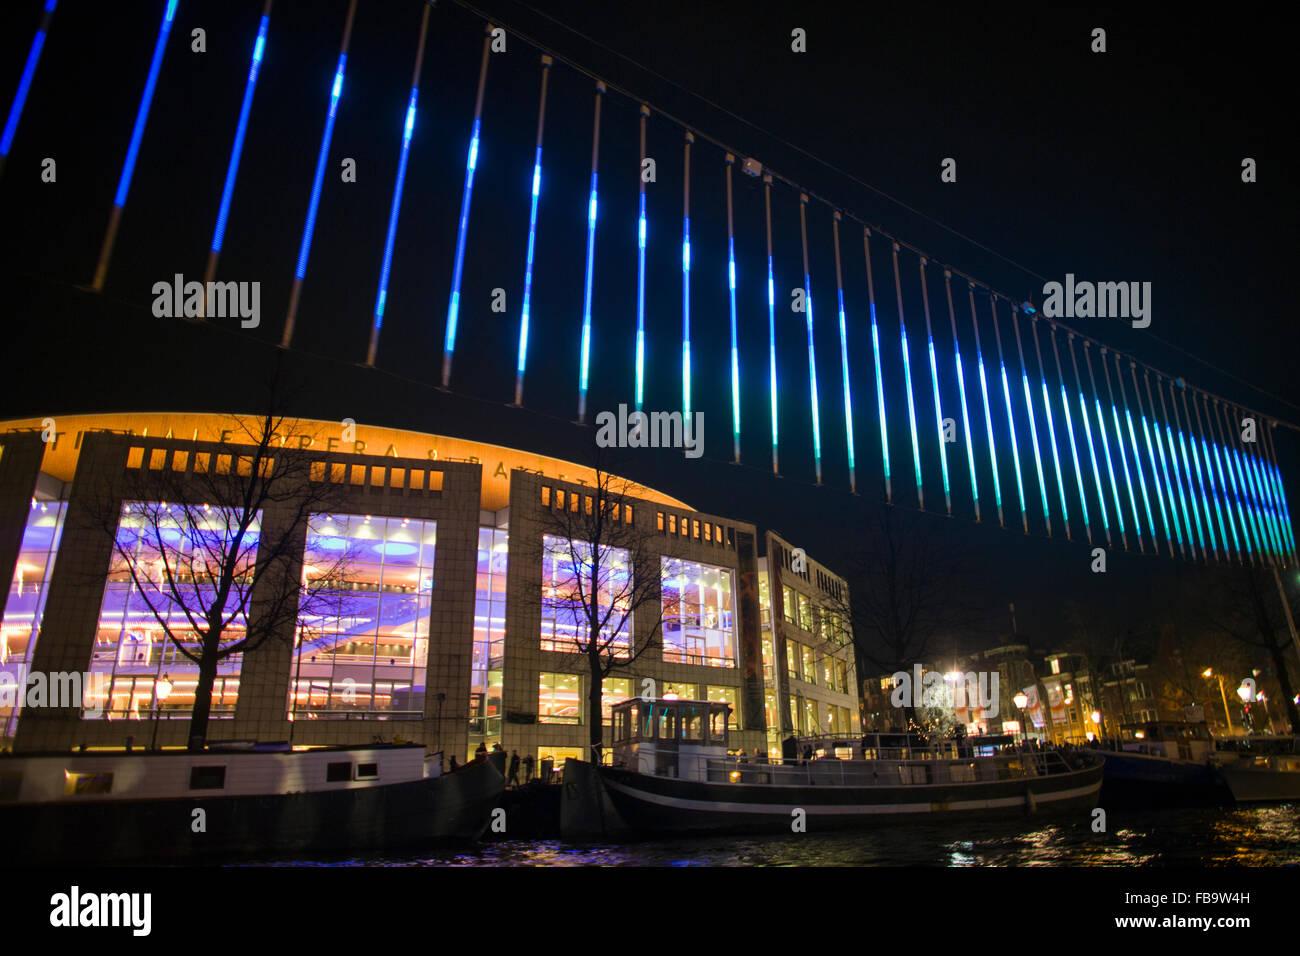 Licht Tour Amsterdam : Licht und wasser farben festival  in amsterdam